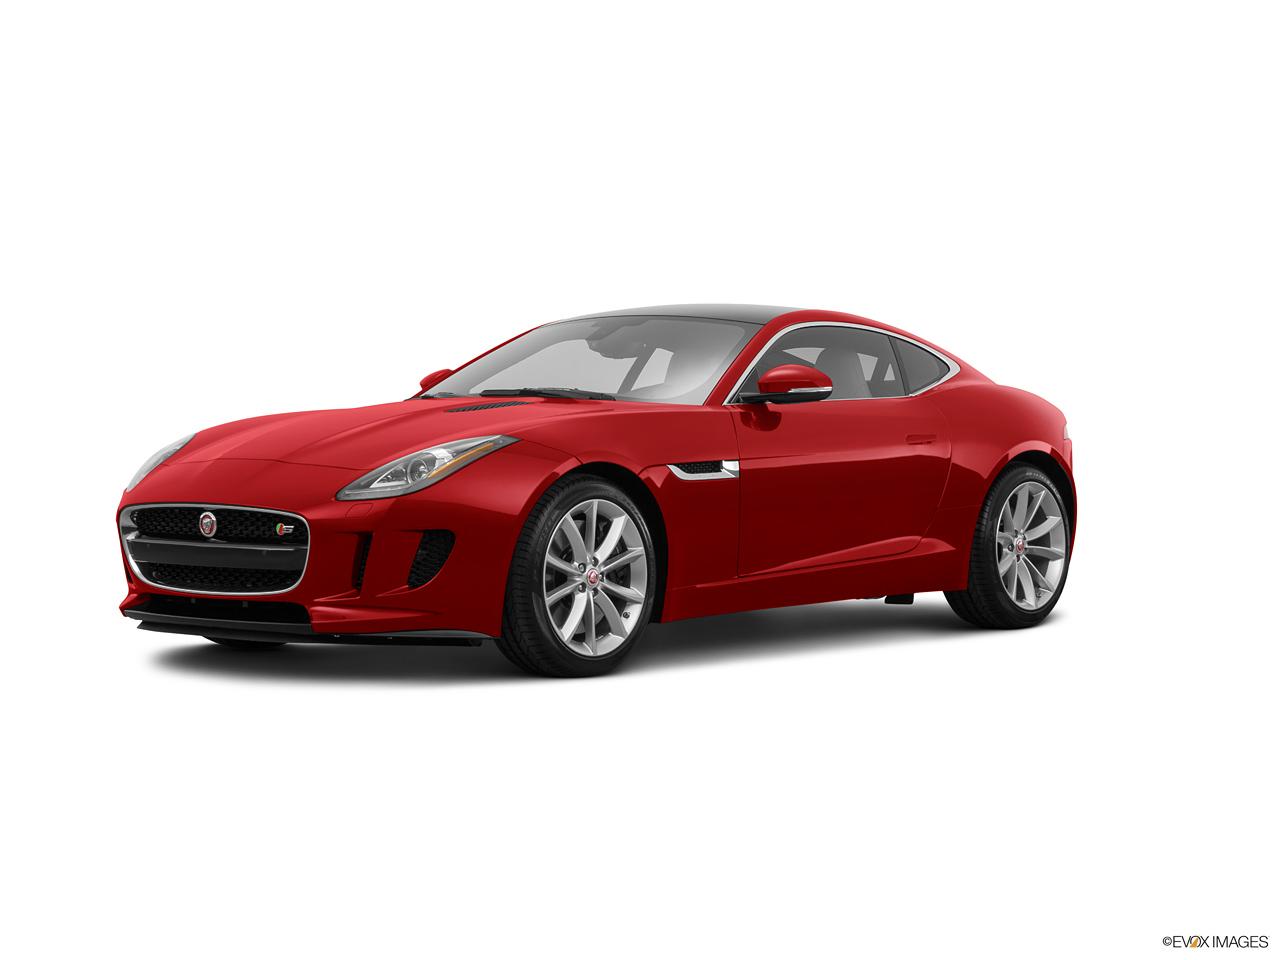 car pictures list for jaguar f type coupe 2016 v6 qatar yallamotor. Black Bedroom Furniture Sets. Home Design Ideas